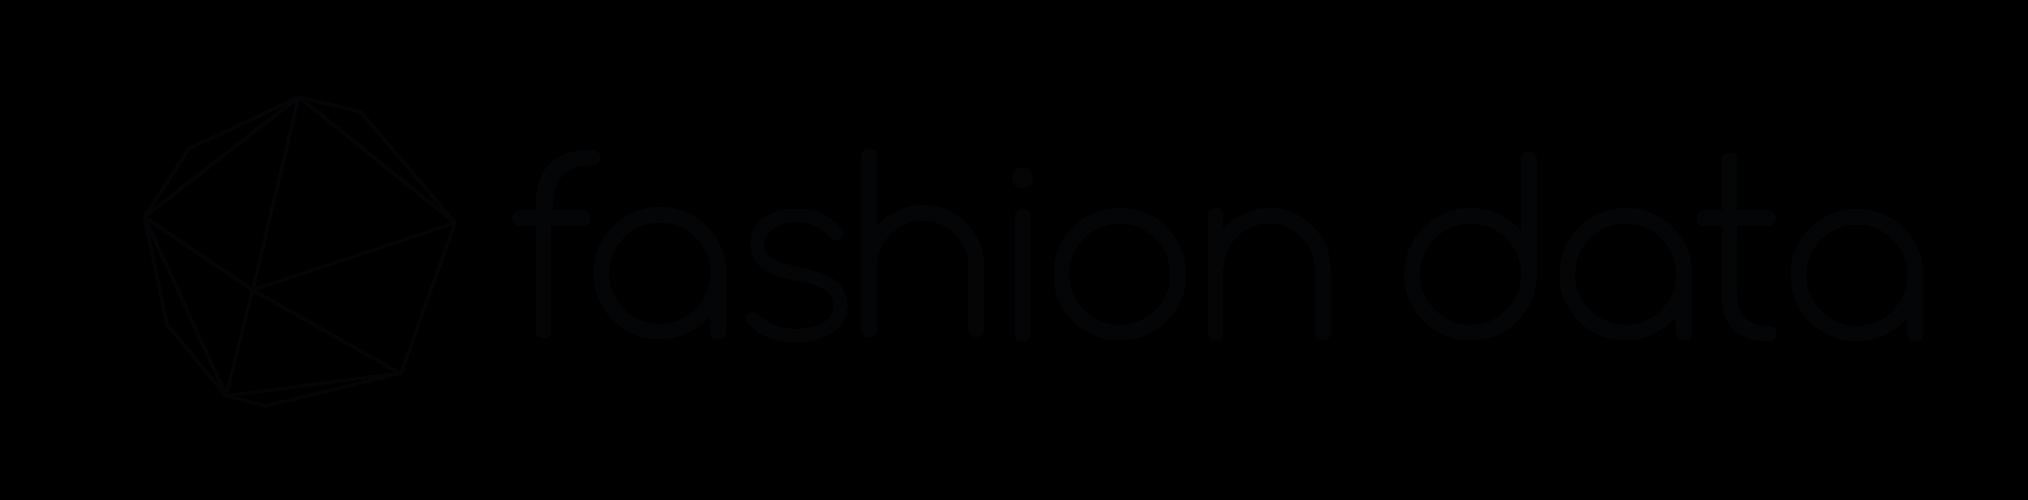 Logo-FD-Noir-1